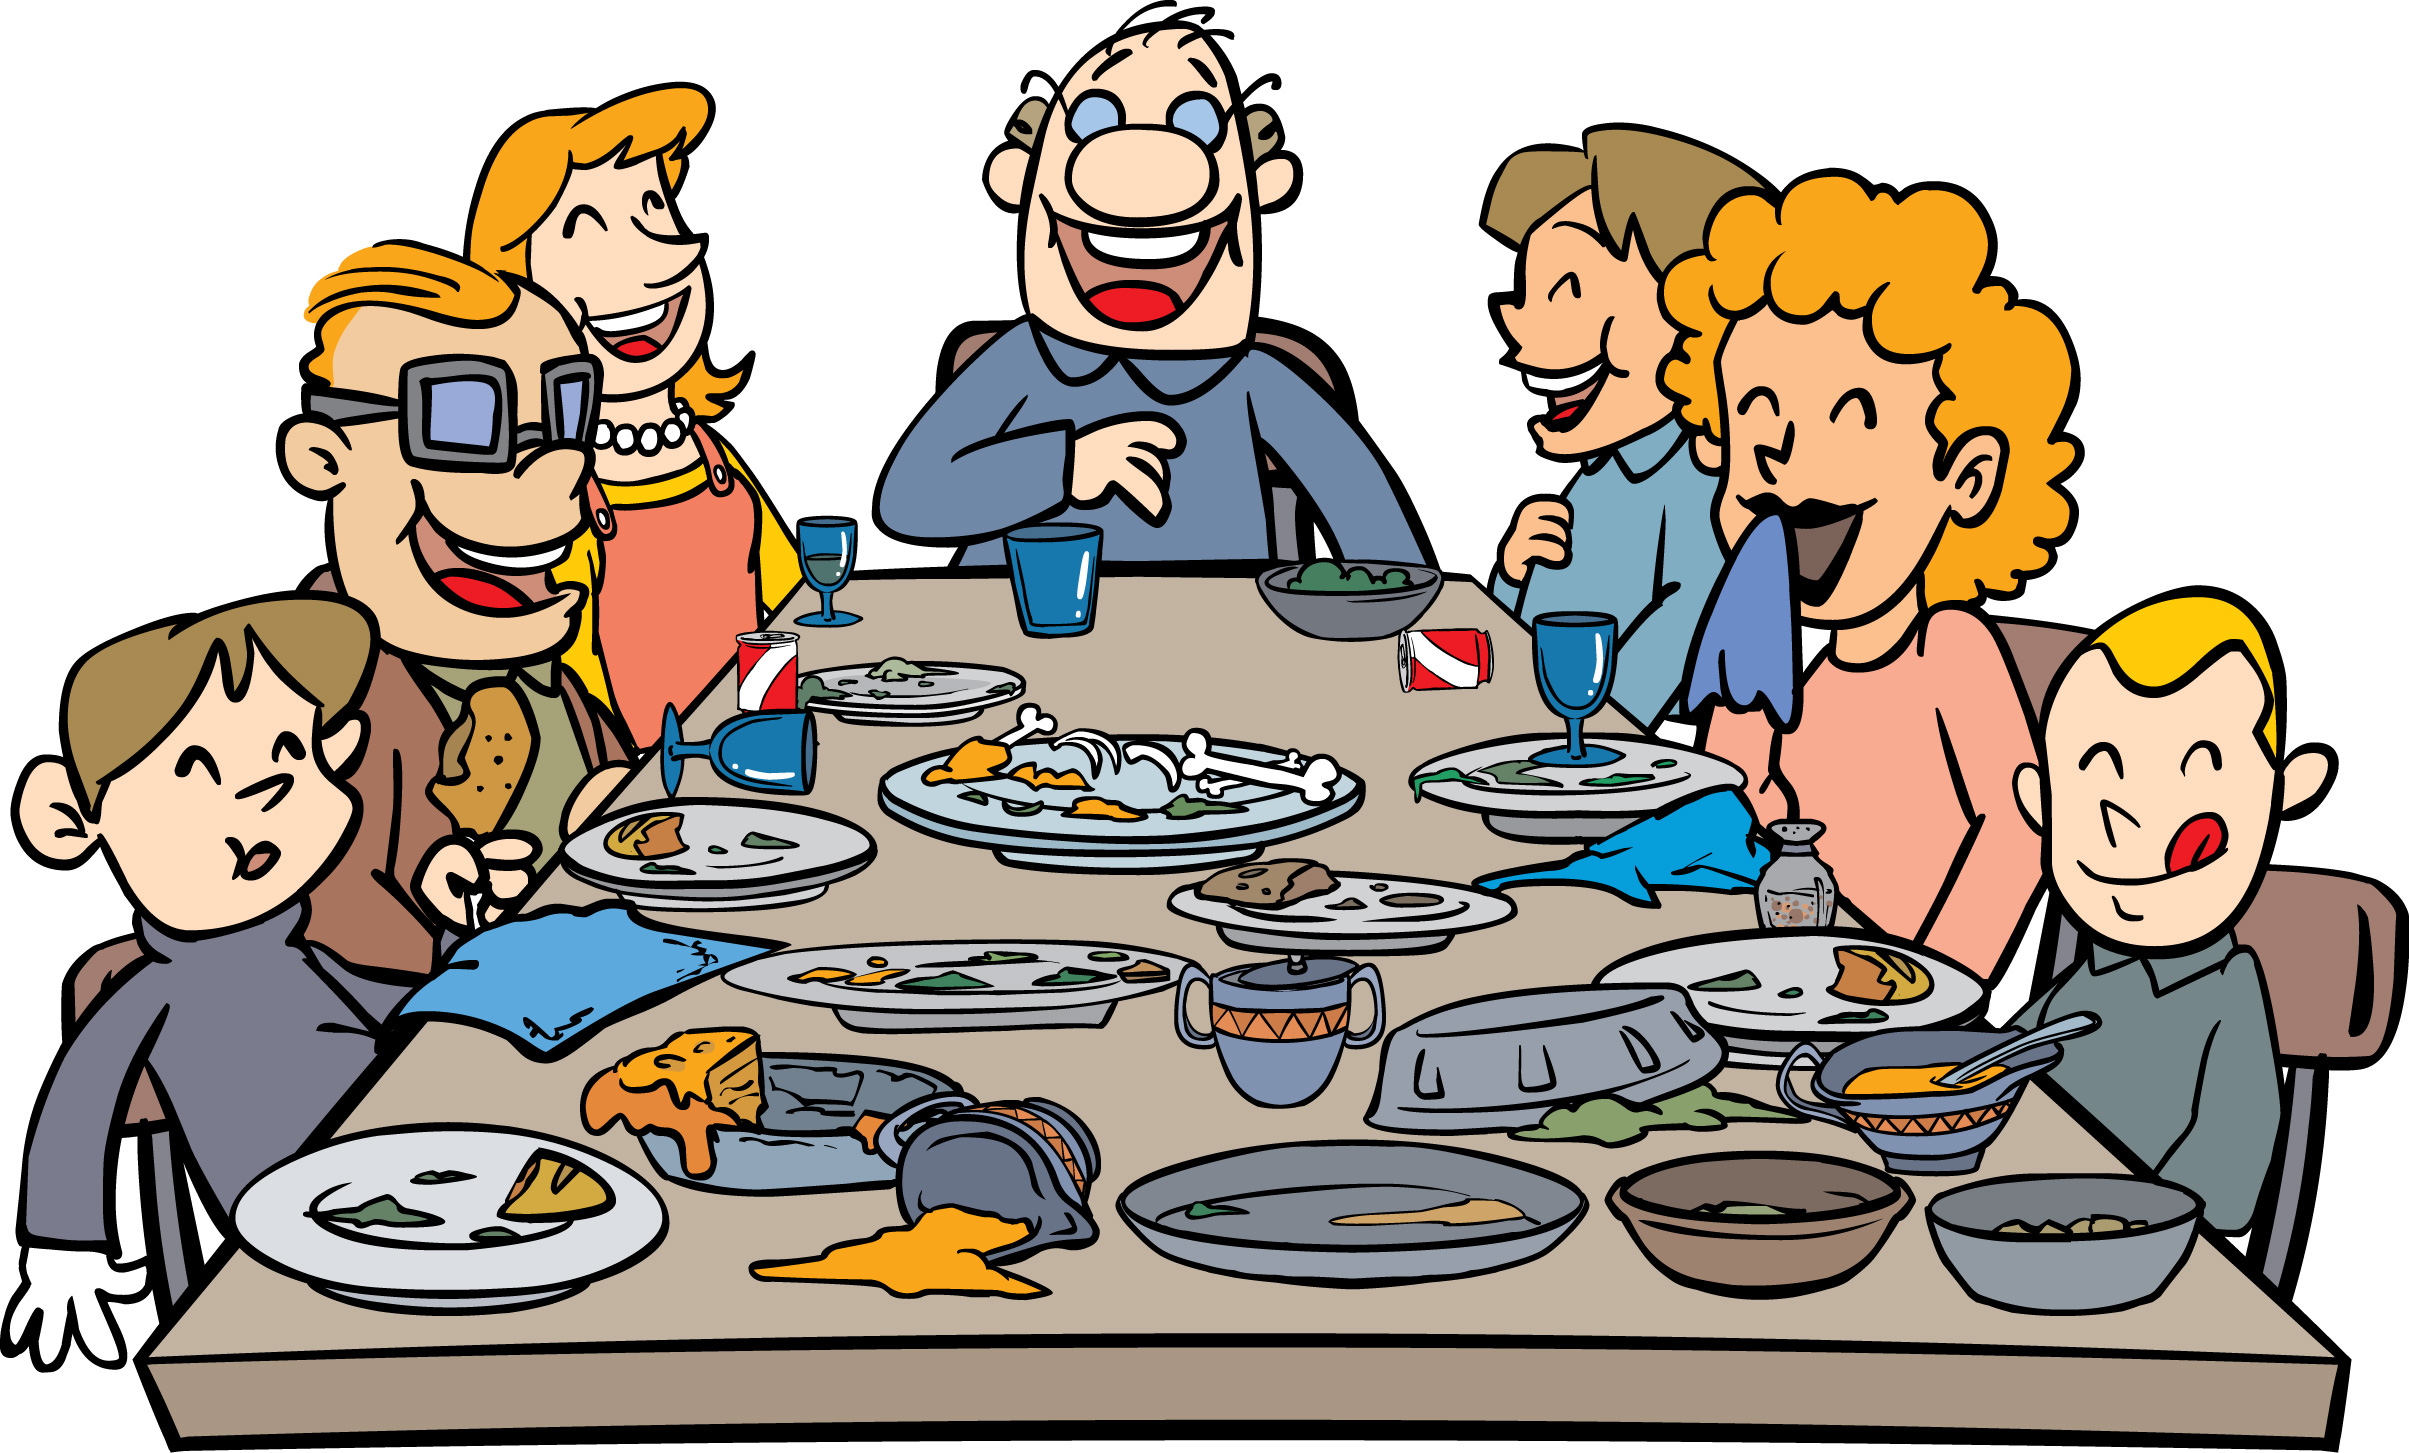 Religious clipart family dinner Dinner Clip on Art Download